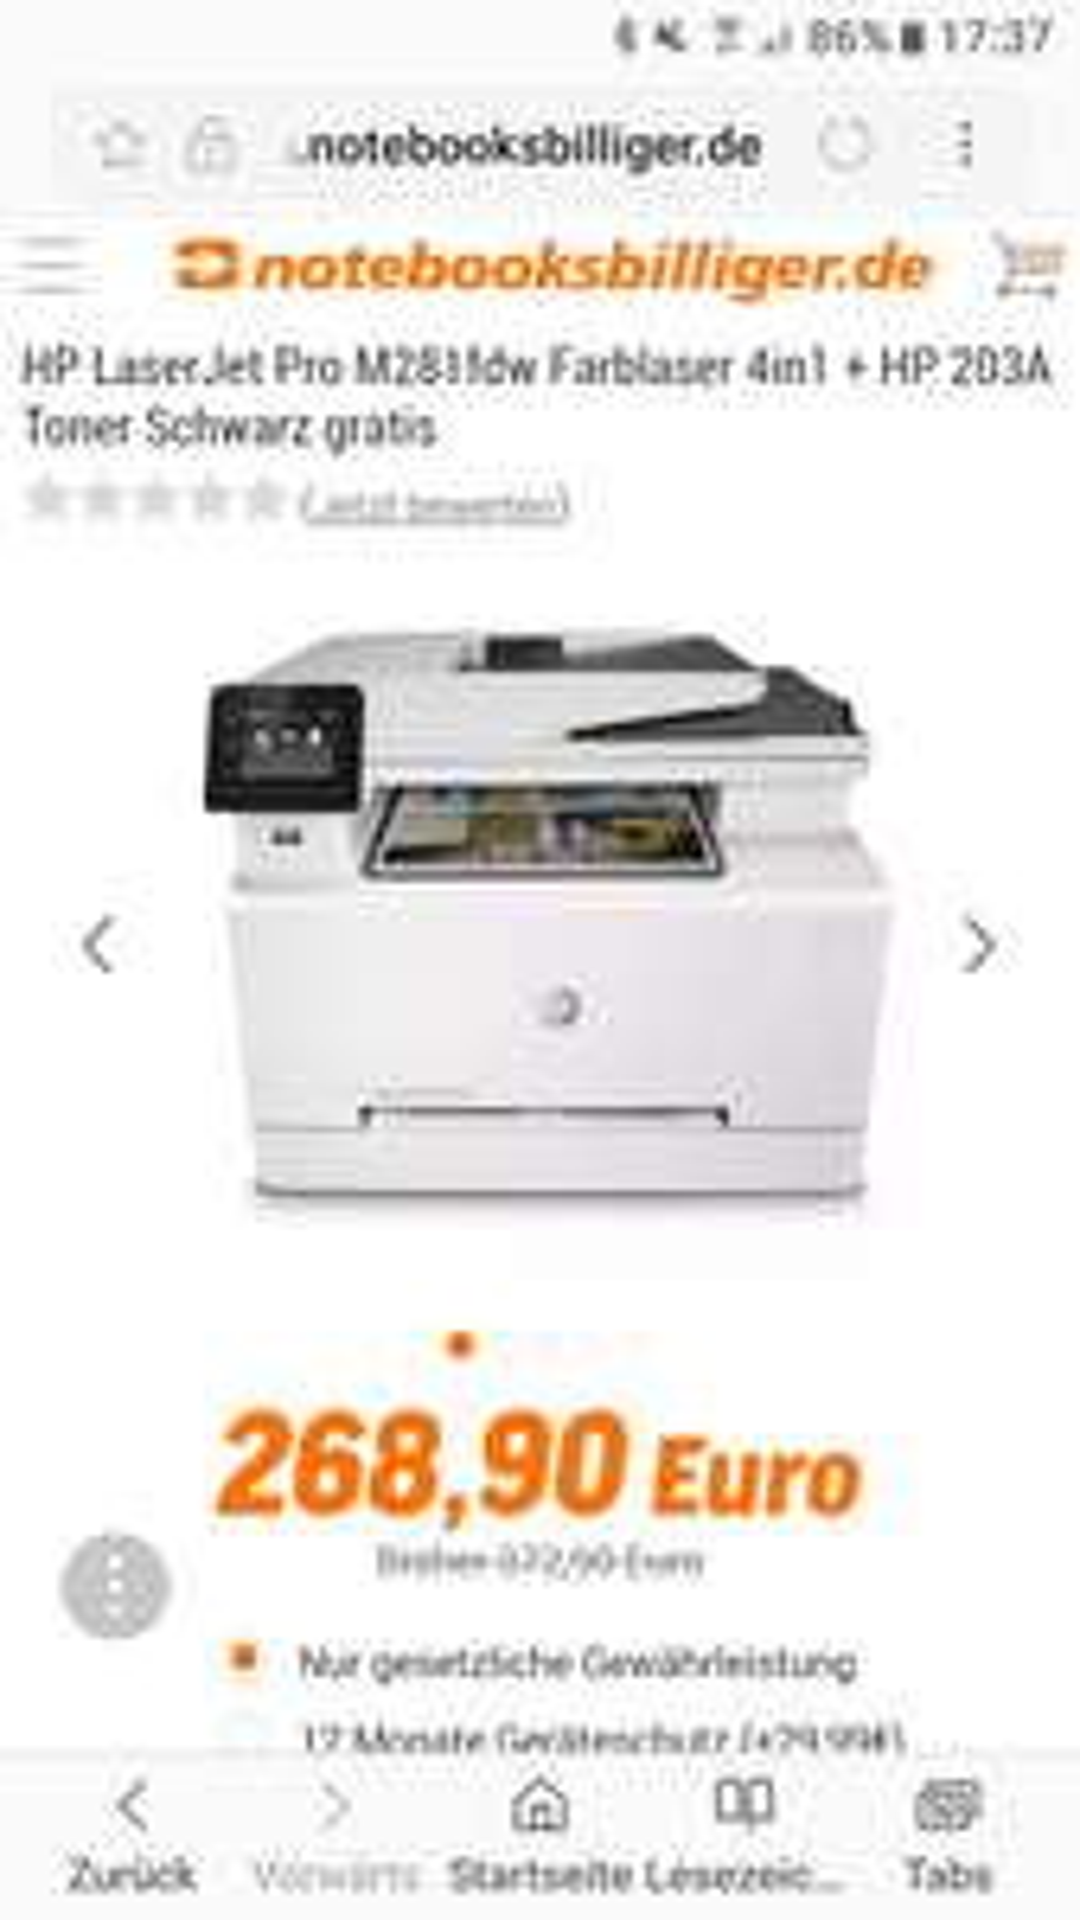 Hewlett-Packard HP Color LaserJet Pro MFP M281fdw + Gratis Toner schwarz im Wert von 50 Euro